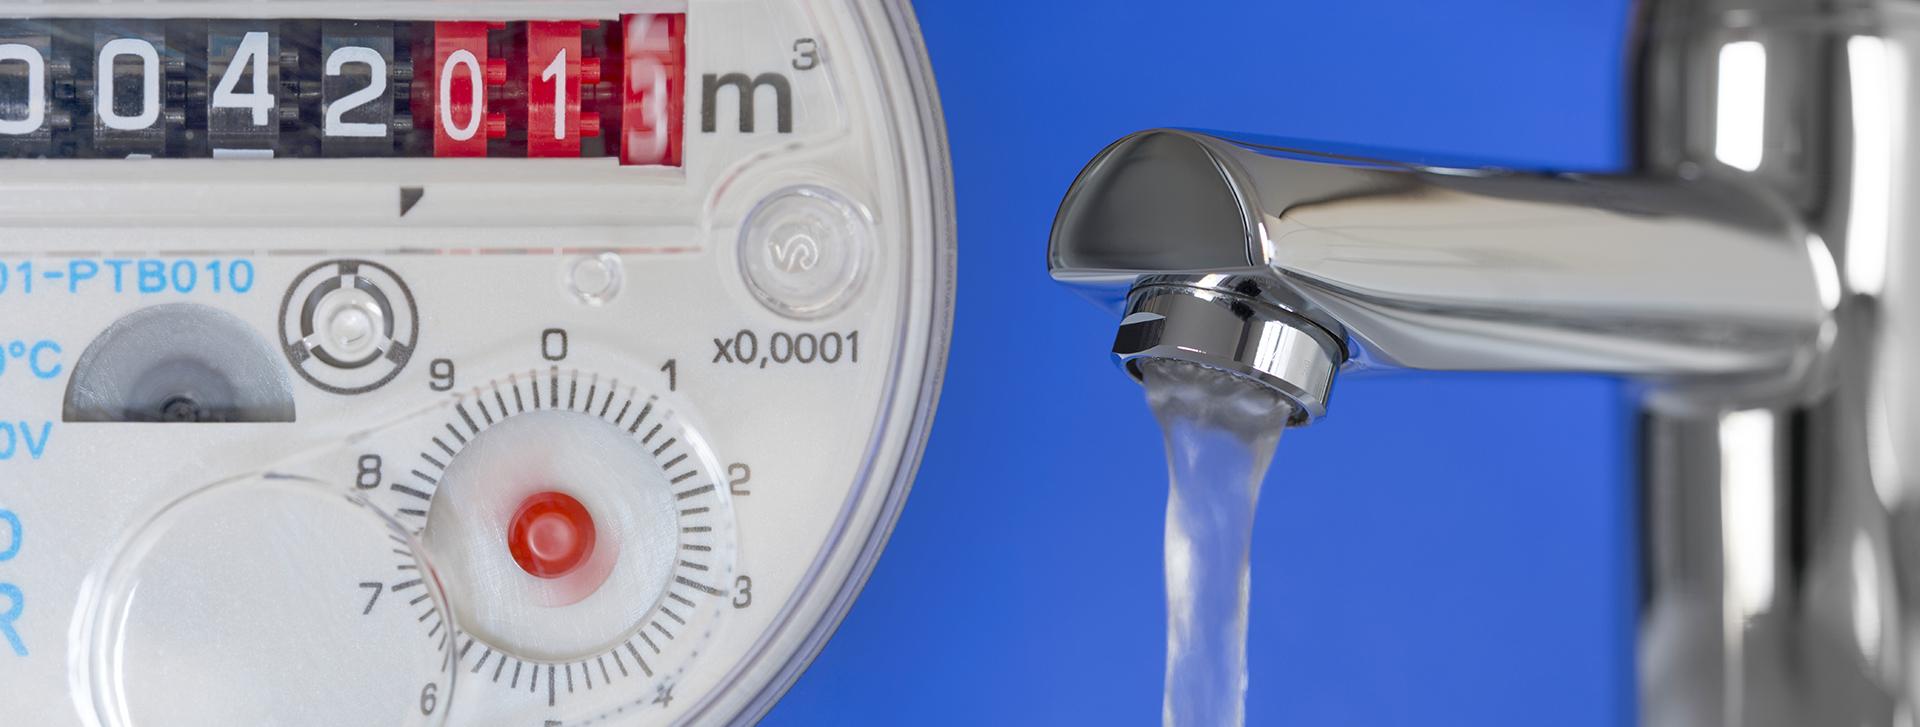 Wasserversorgung 2